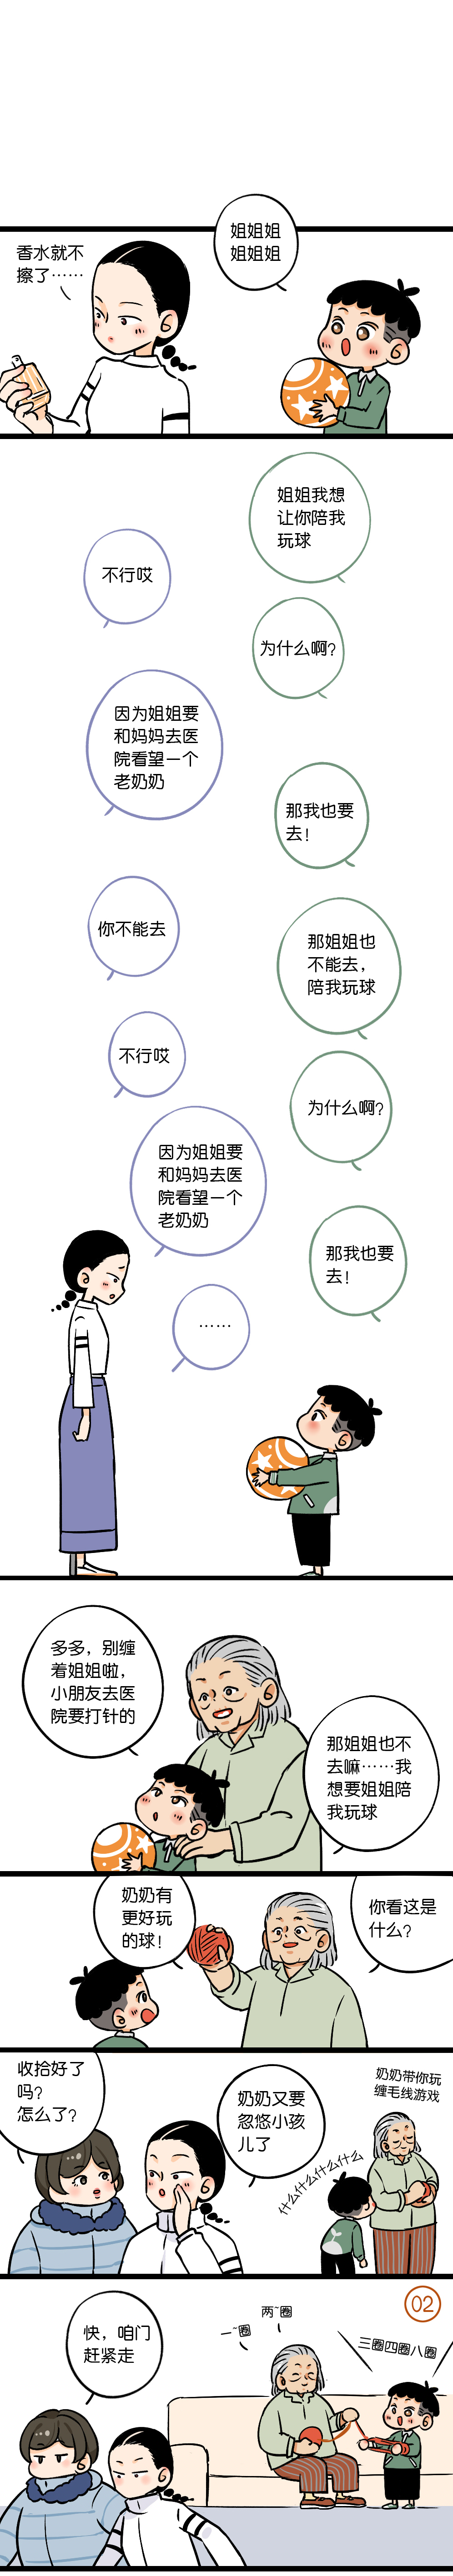 漫画杨大大话家规02.jpg